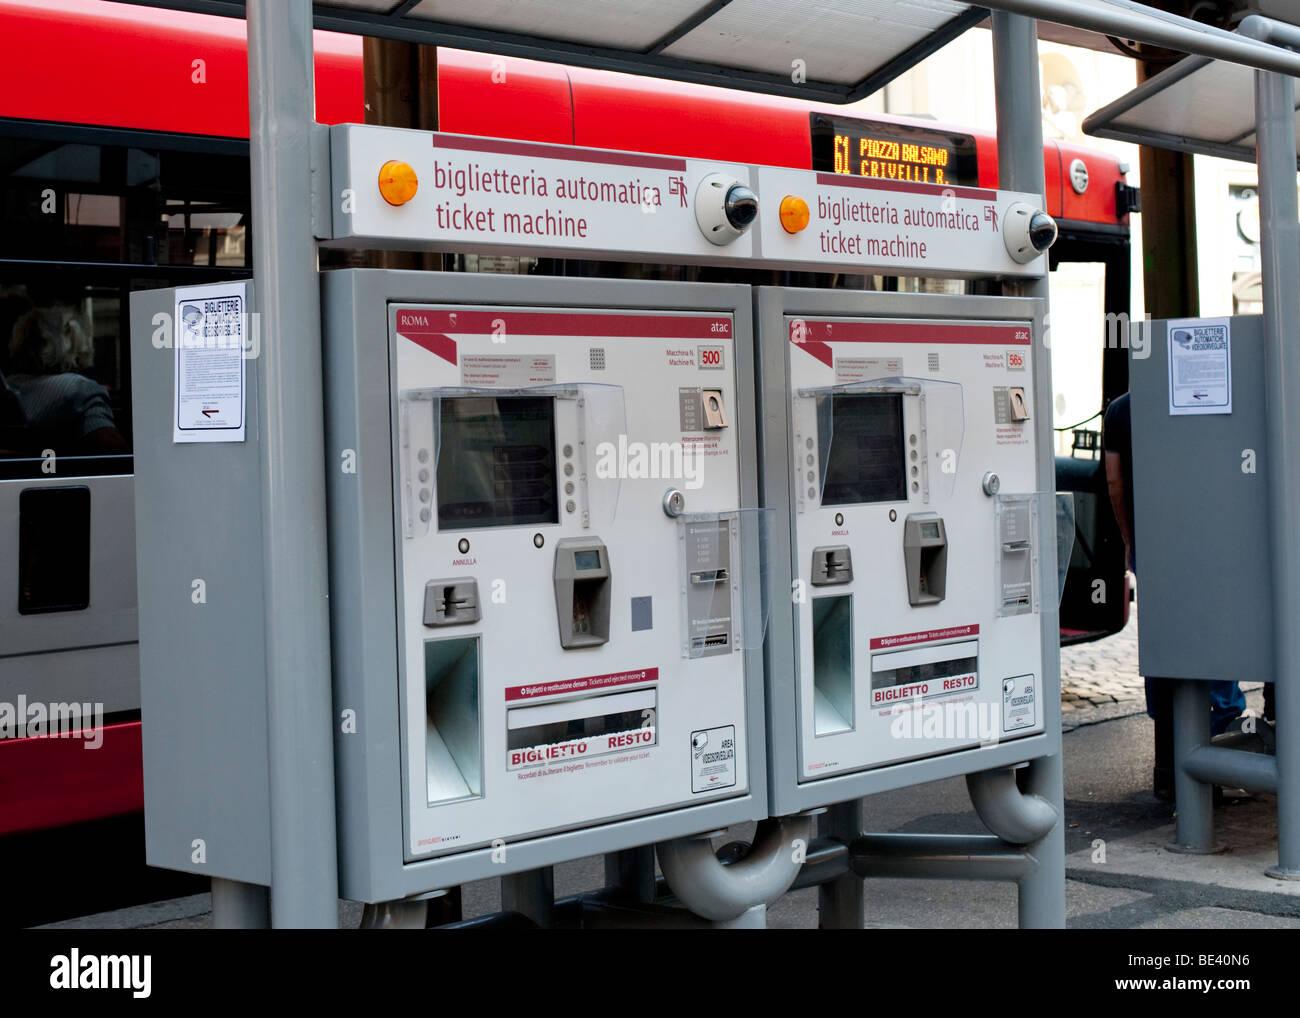 Un biglietto automatizzato la macchina a un deposito autobus in Italia a Roma con un autobus romano in background Immagini Stock